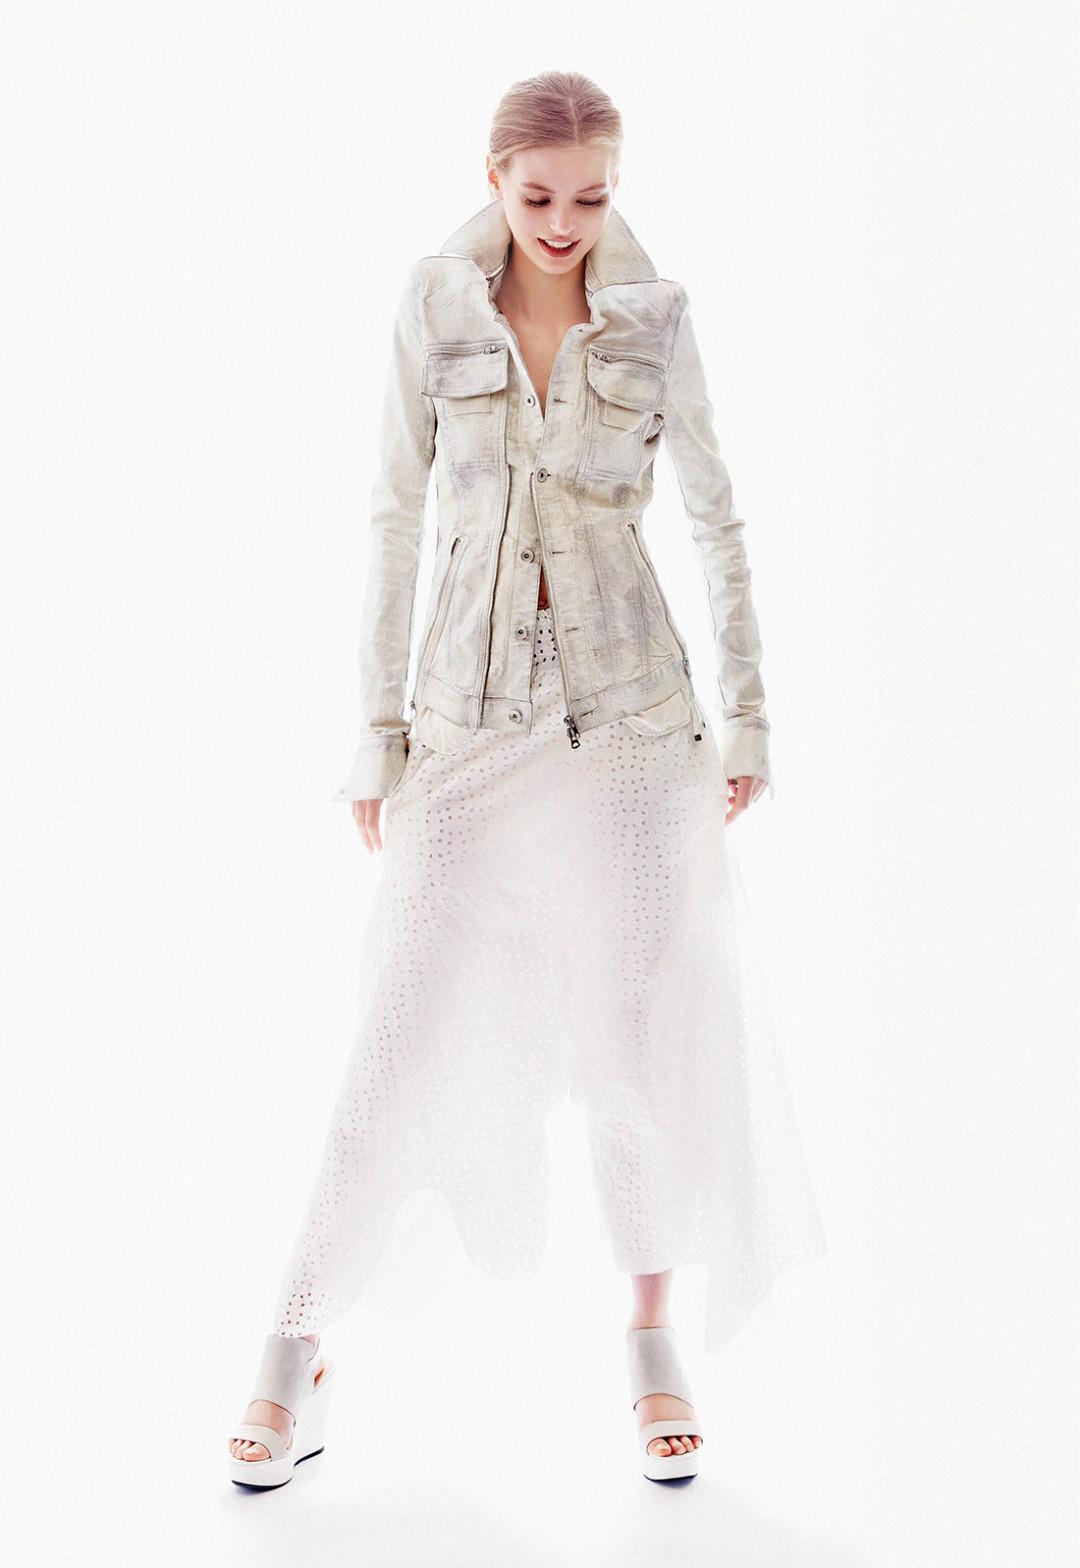 0514 solar flair jacket skirt aetyki